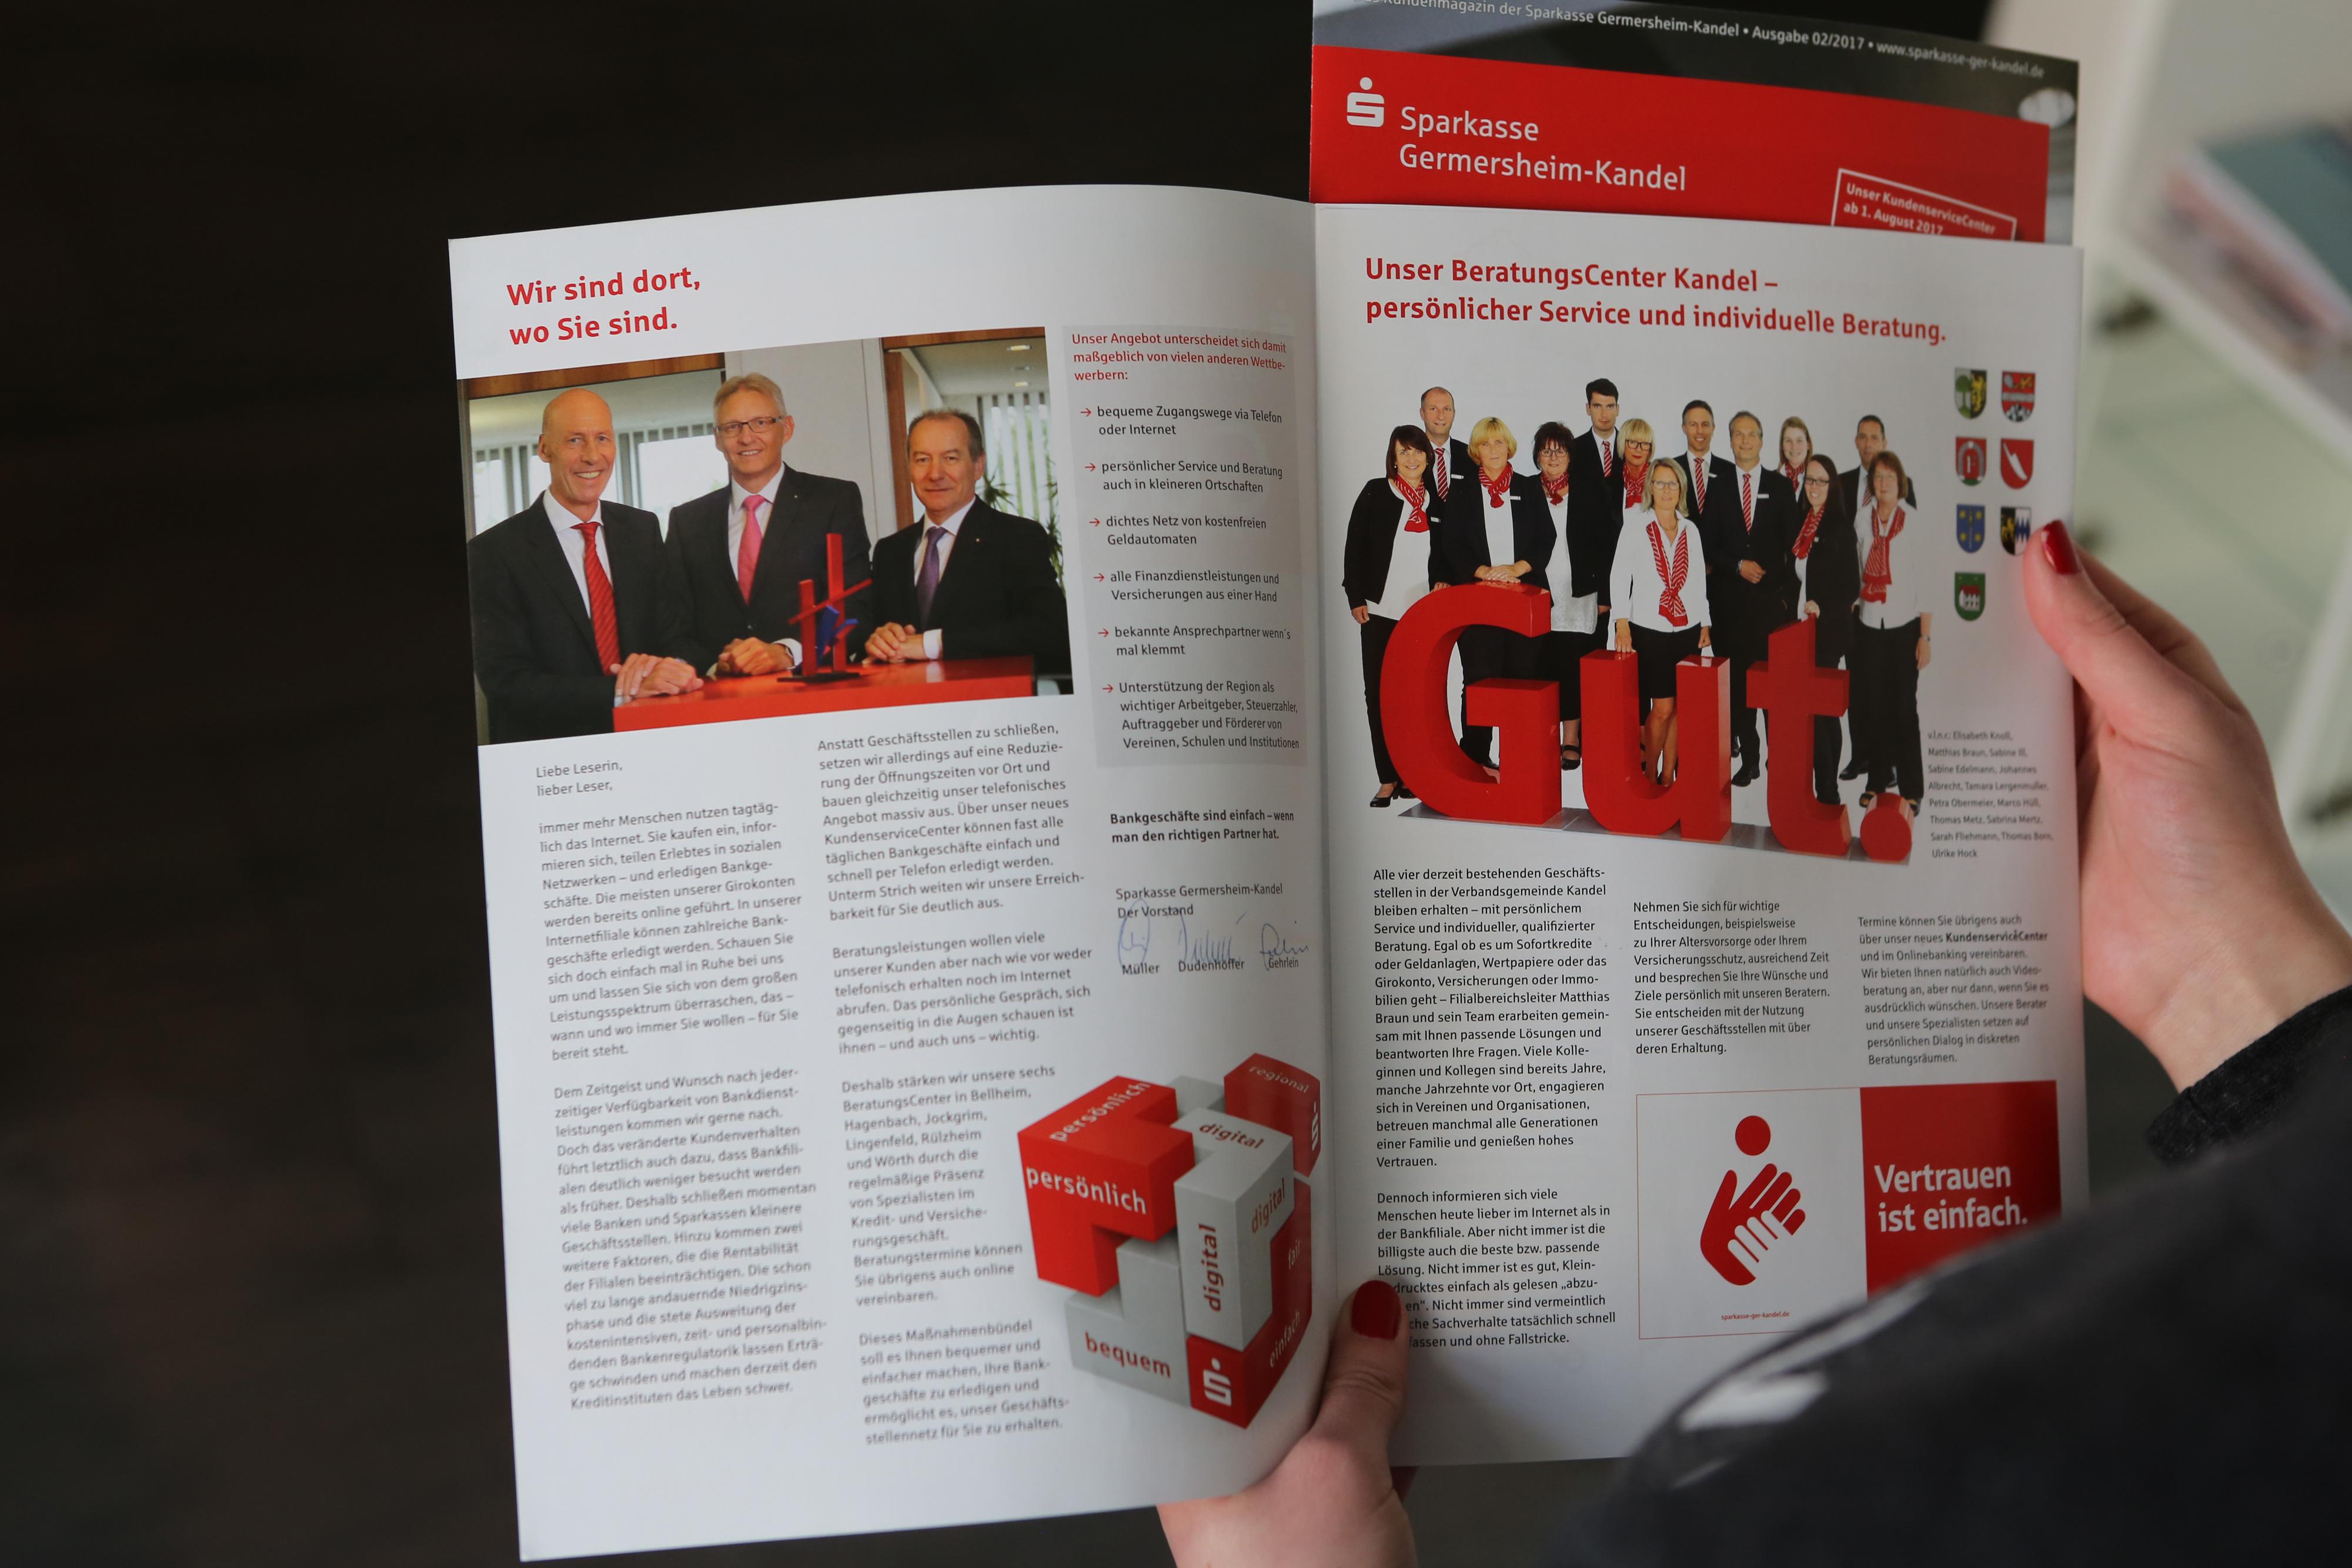 Sabath Media Werbeagentur - Sparkasse Germersheim-Kandel – Fotoshooting - Referenzbild 2